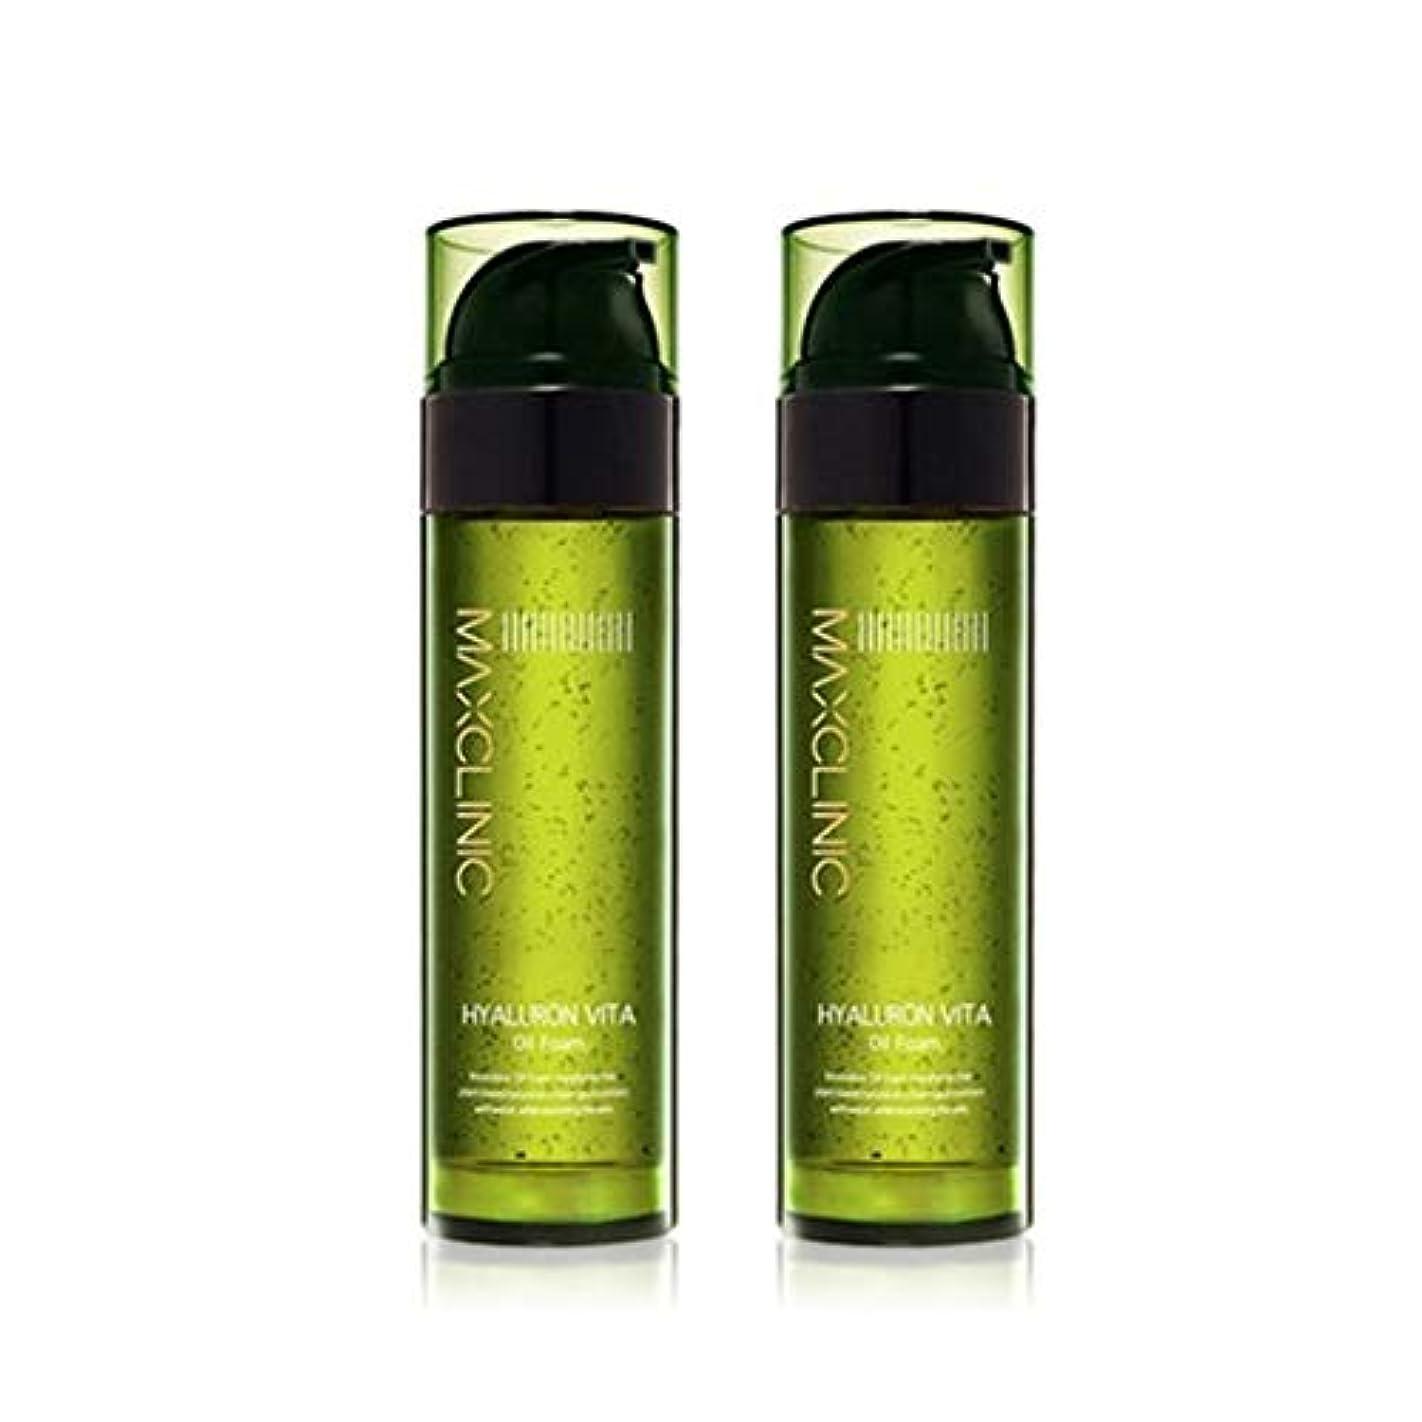 不公平著者怠けたマックスクリニックヒアルロンヴィータオイルフォーム110gx2本セット韓国コスメ、Maxclinic Hyaluronic Acid Vita Oil Foam 110g x 2ea Set Korean Cosmetics...